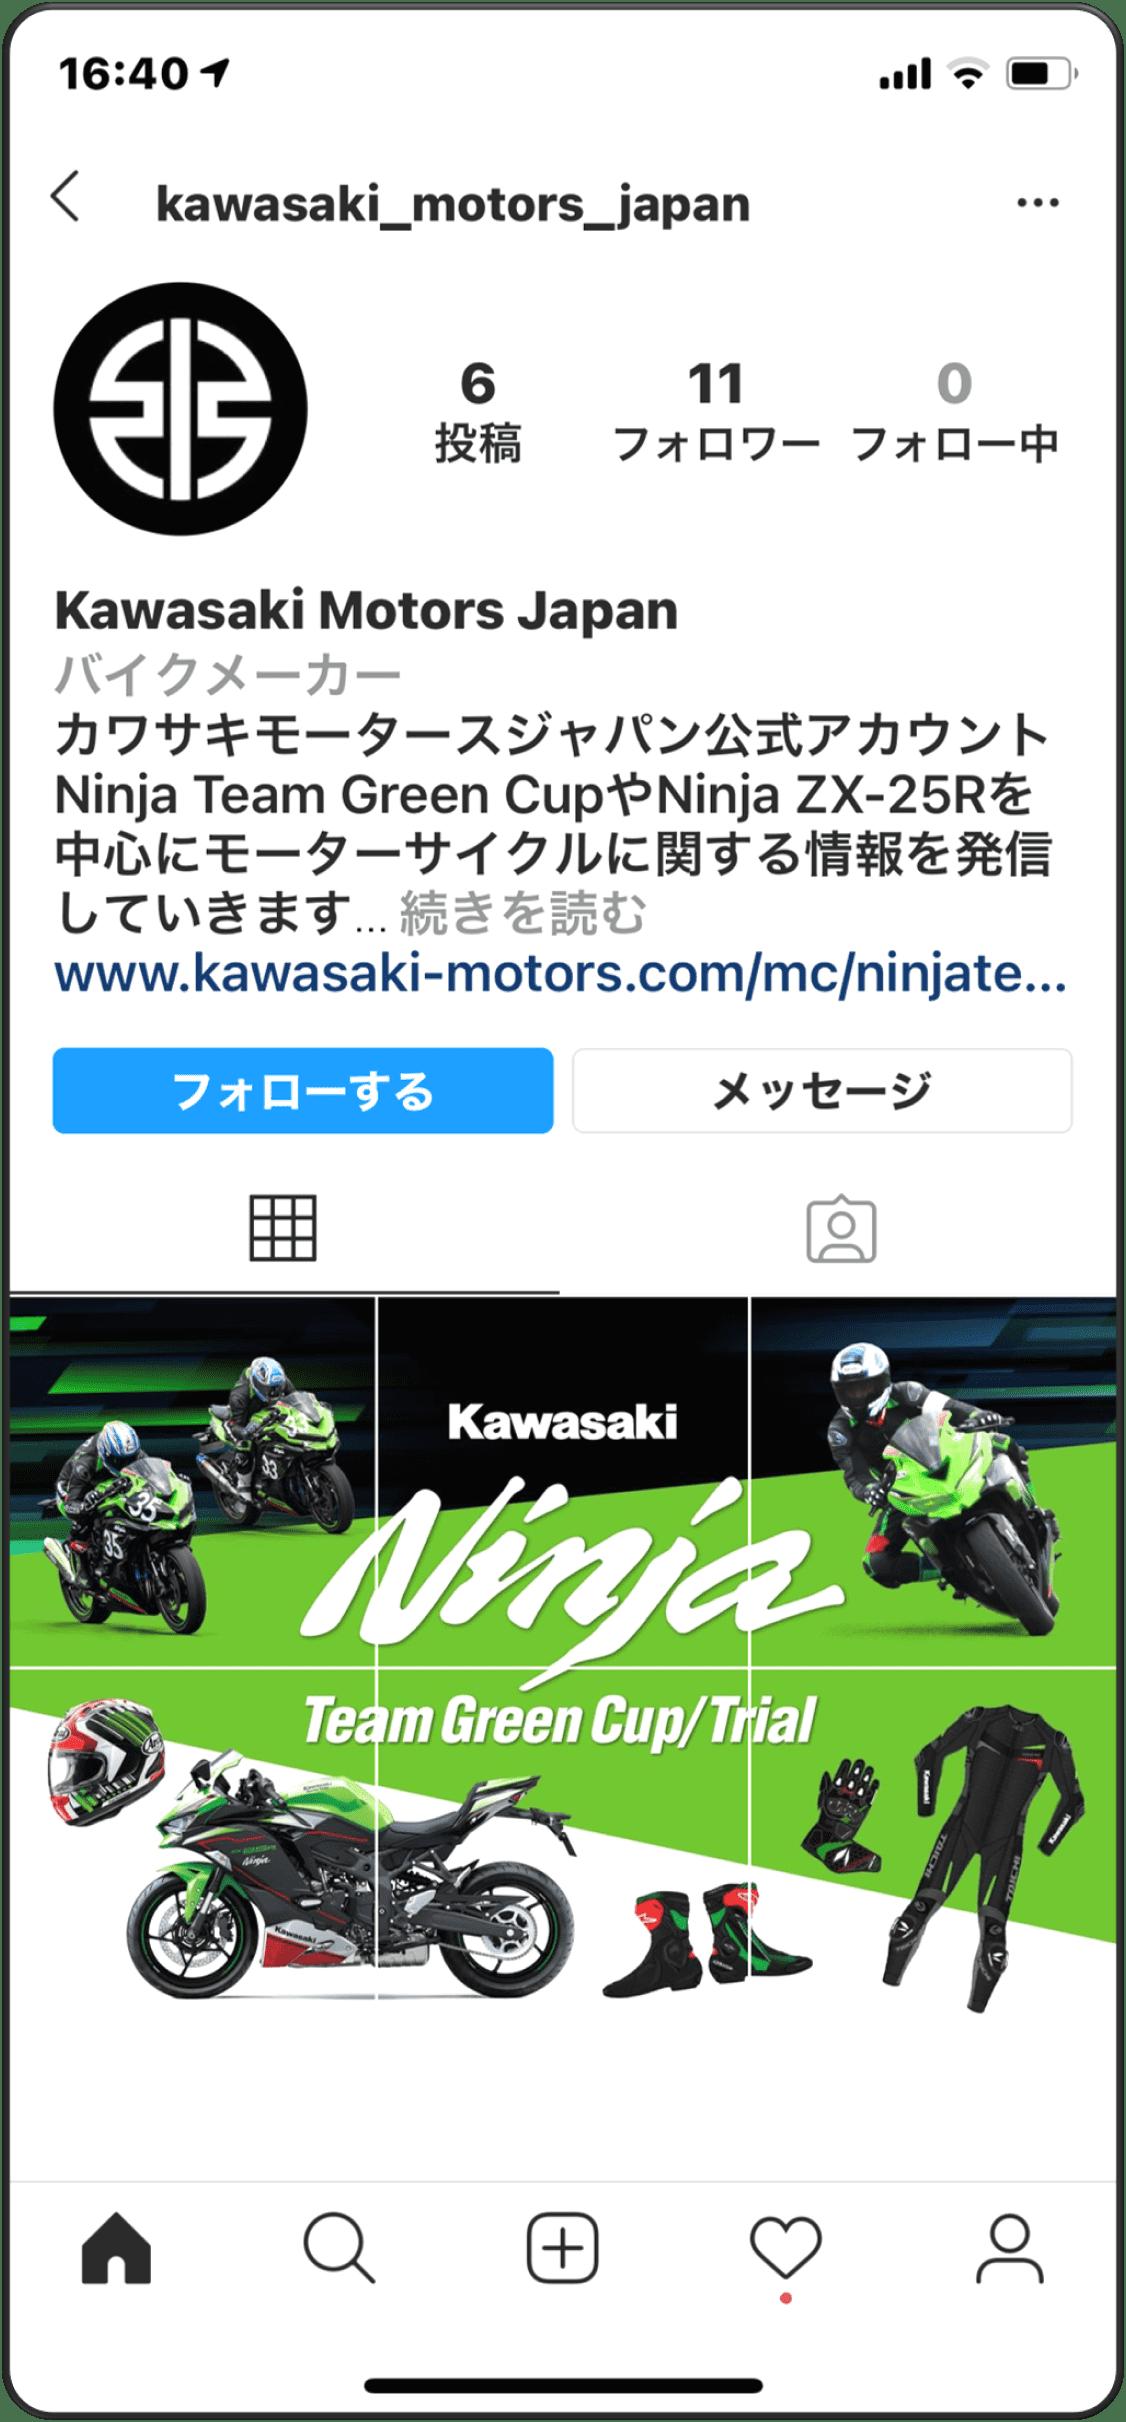 カワサキモータースジャパン Instagram公式アカウント